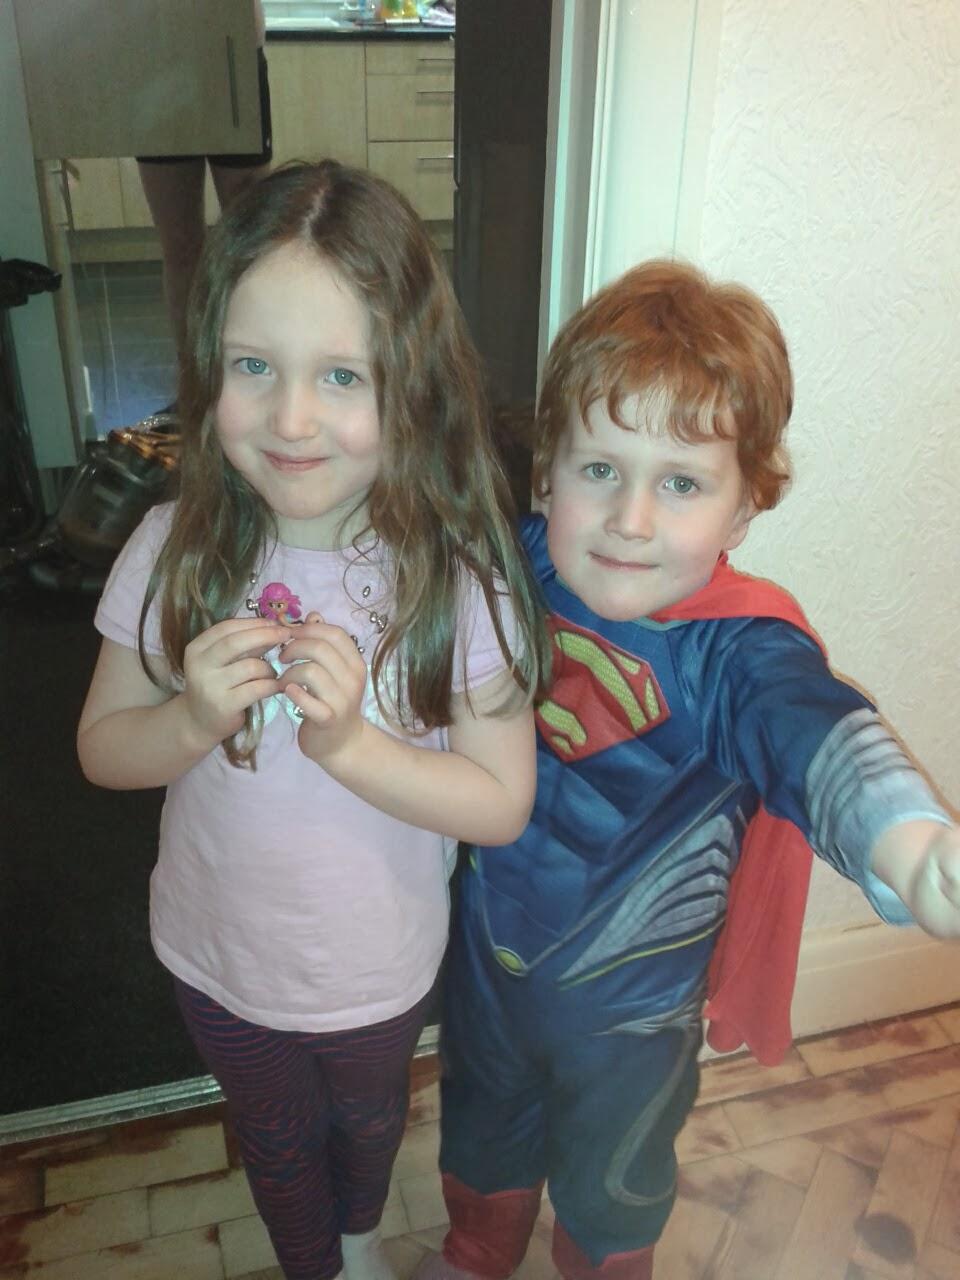 Caitlin & Ieuan as superman